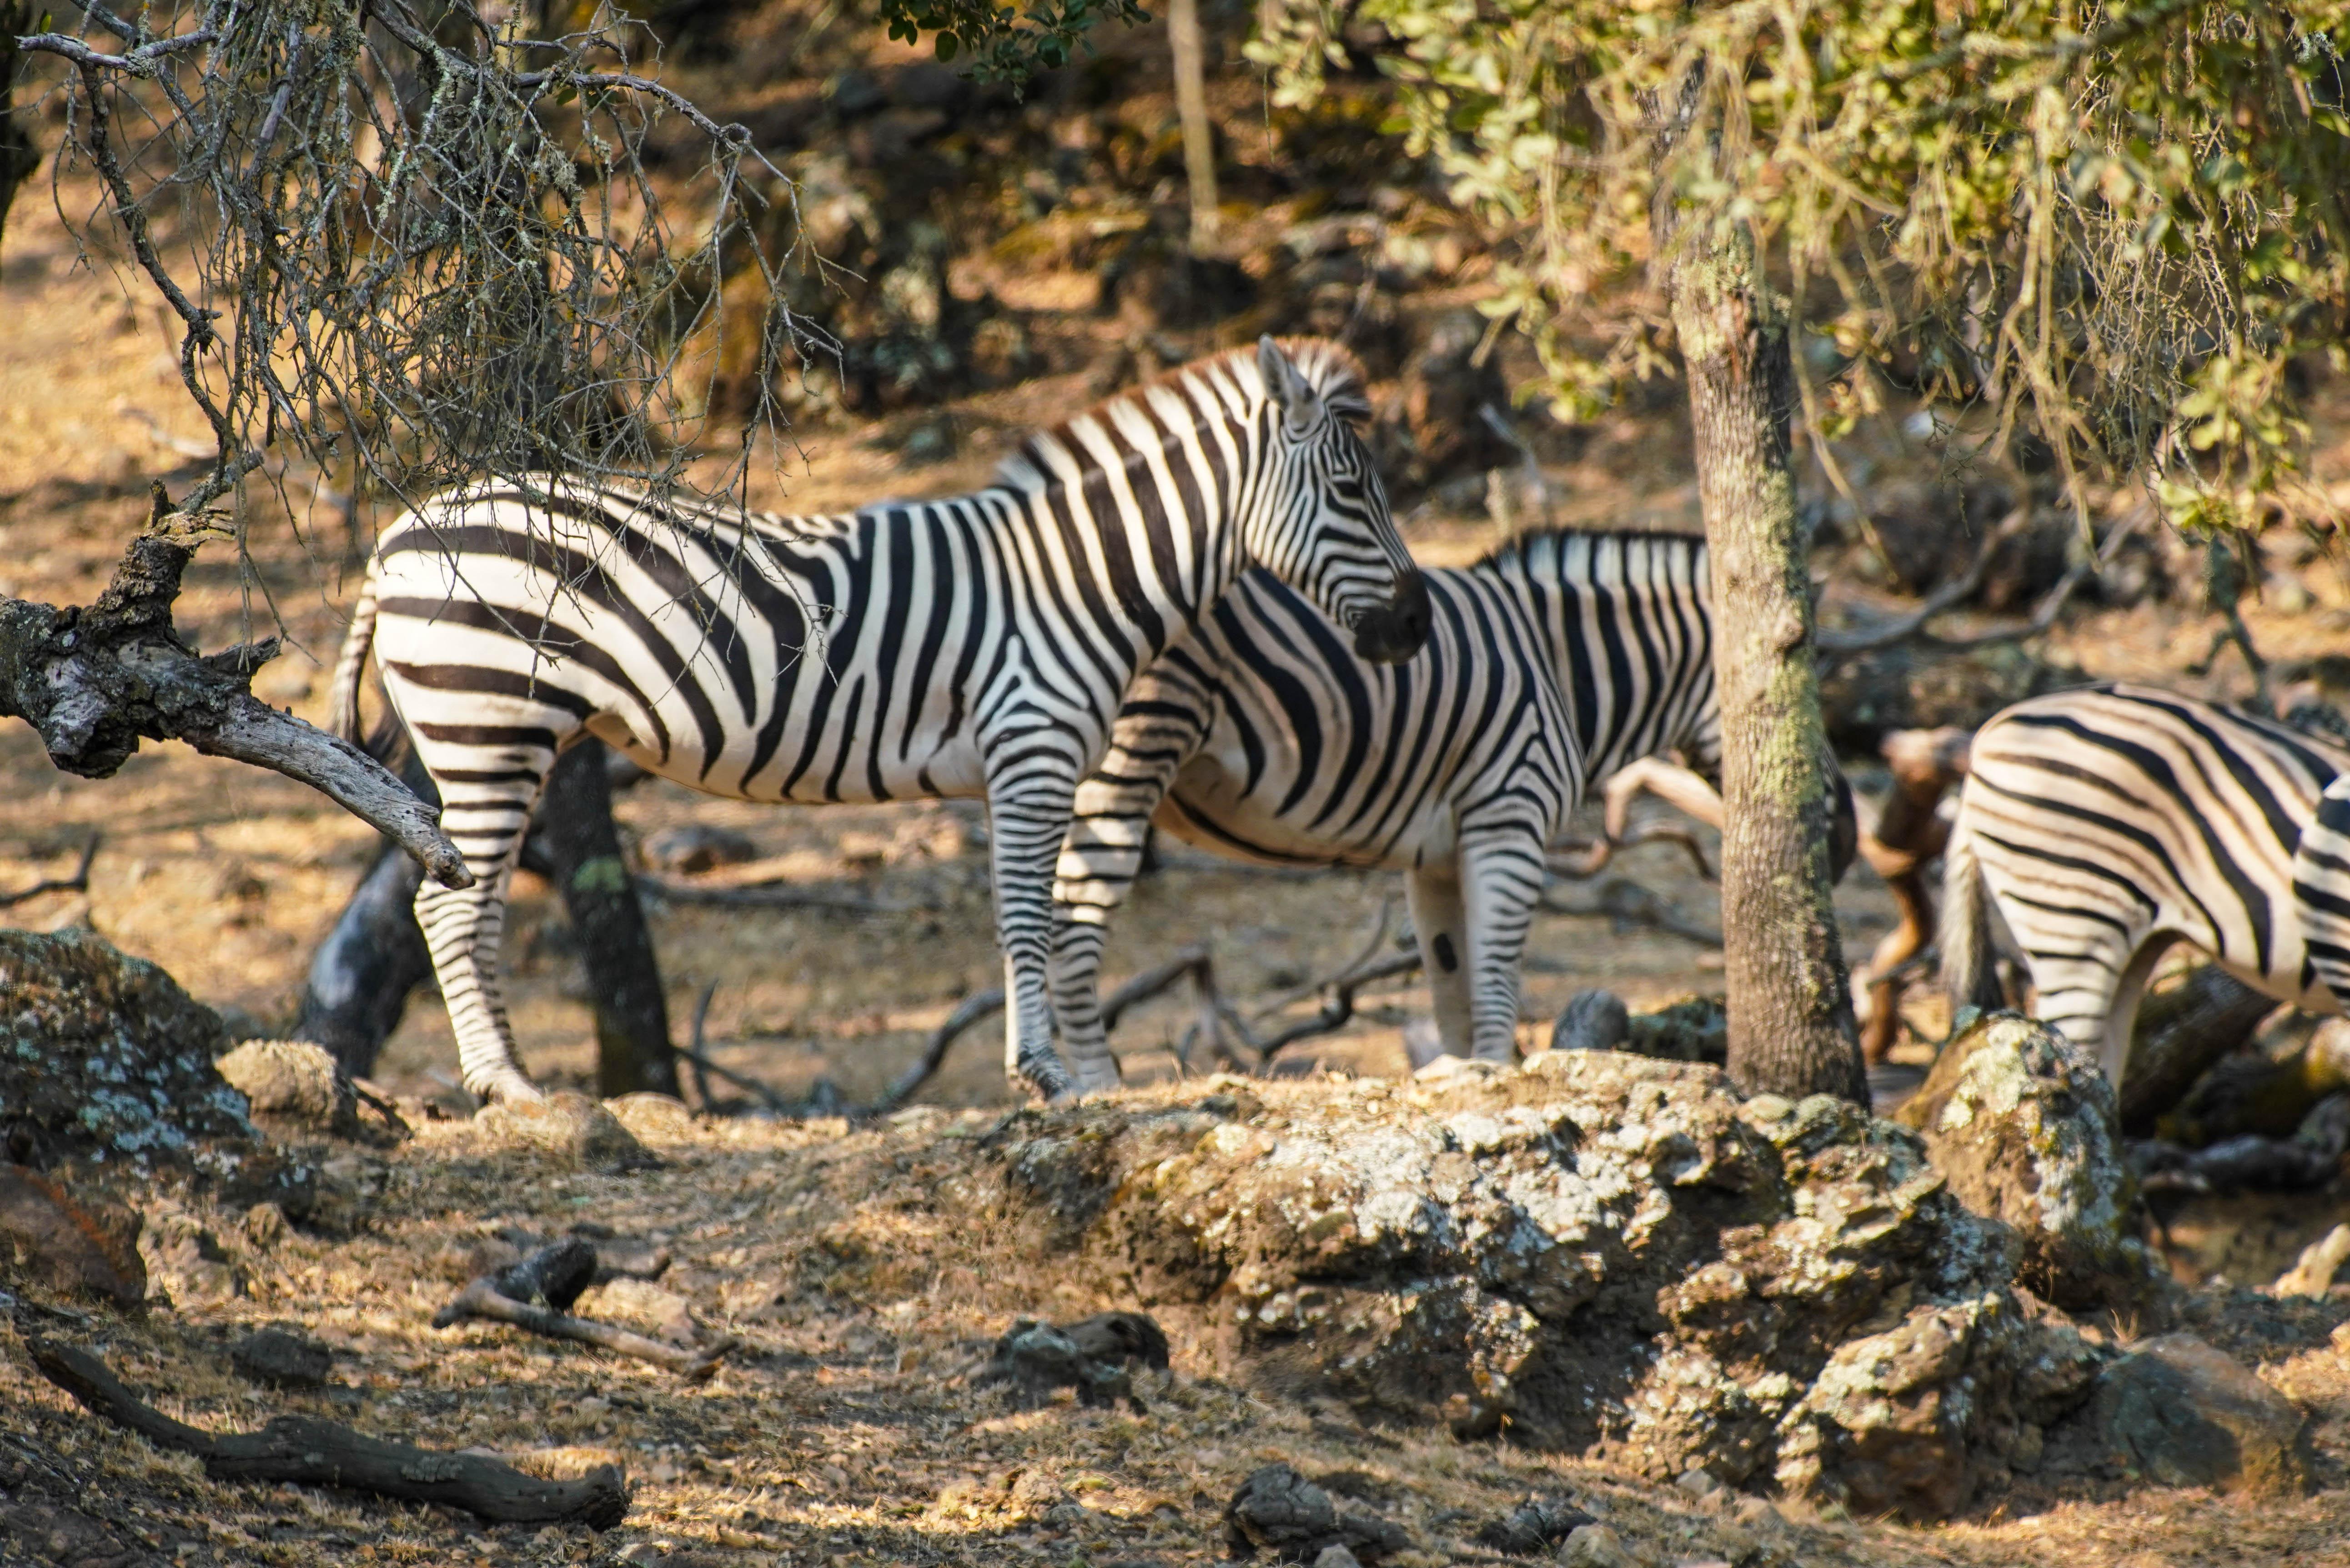 Safari West Santa Rosa Zebra